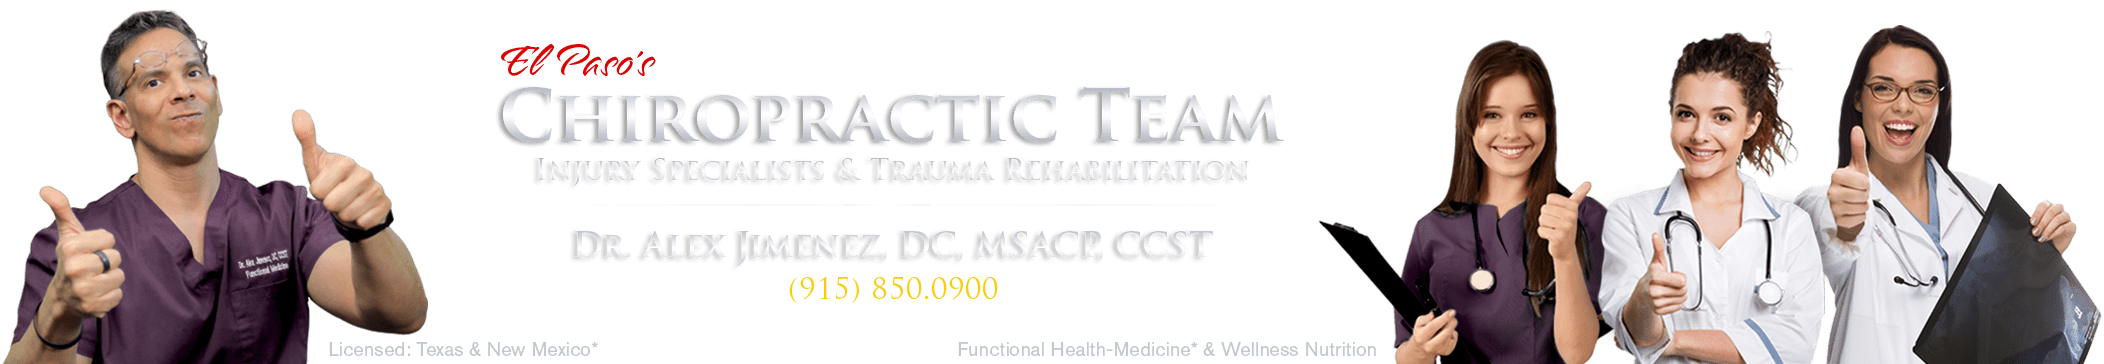 El Pasos premier kiropraktikklinik 915-850-0900